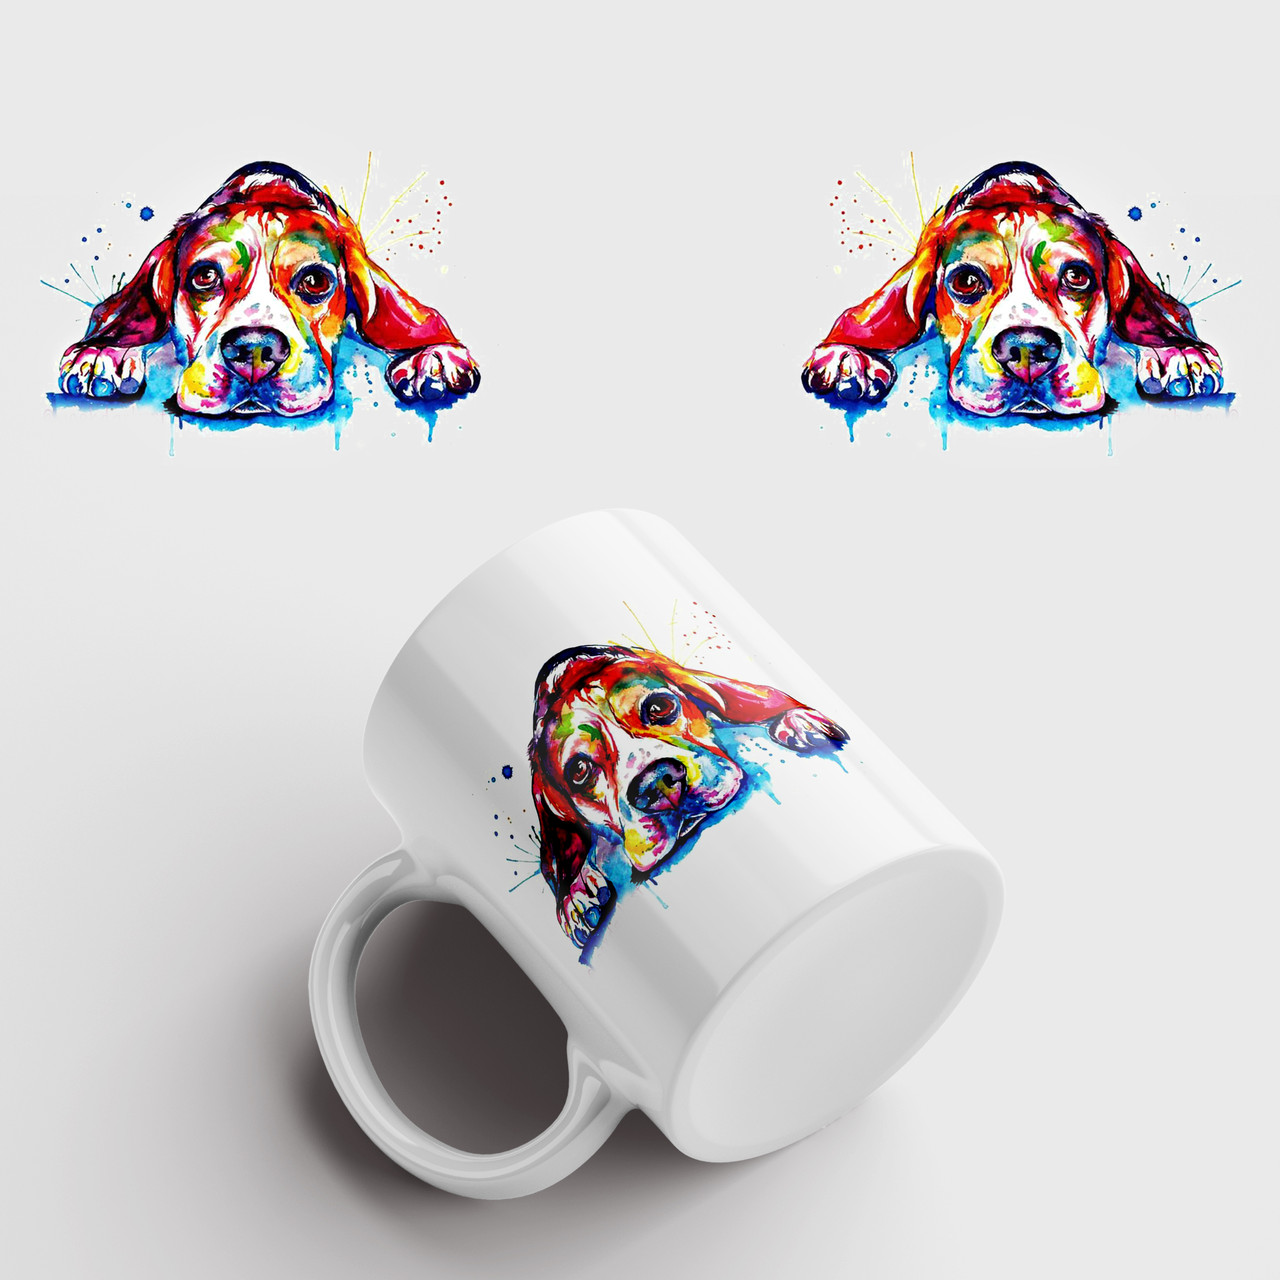 Кружка с принтом Собака. Dog art 2. Чашка с фото